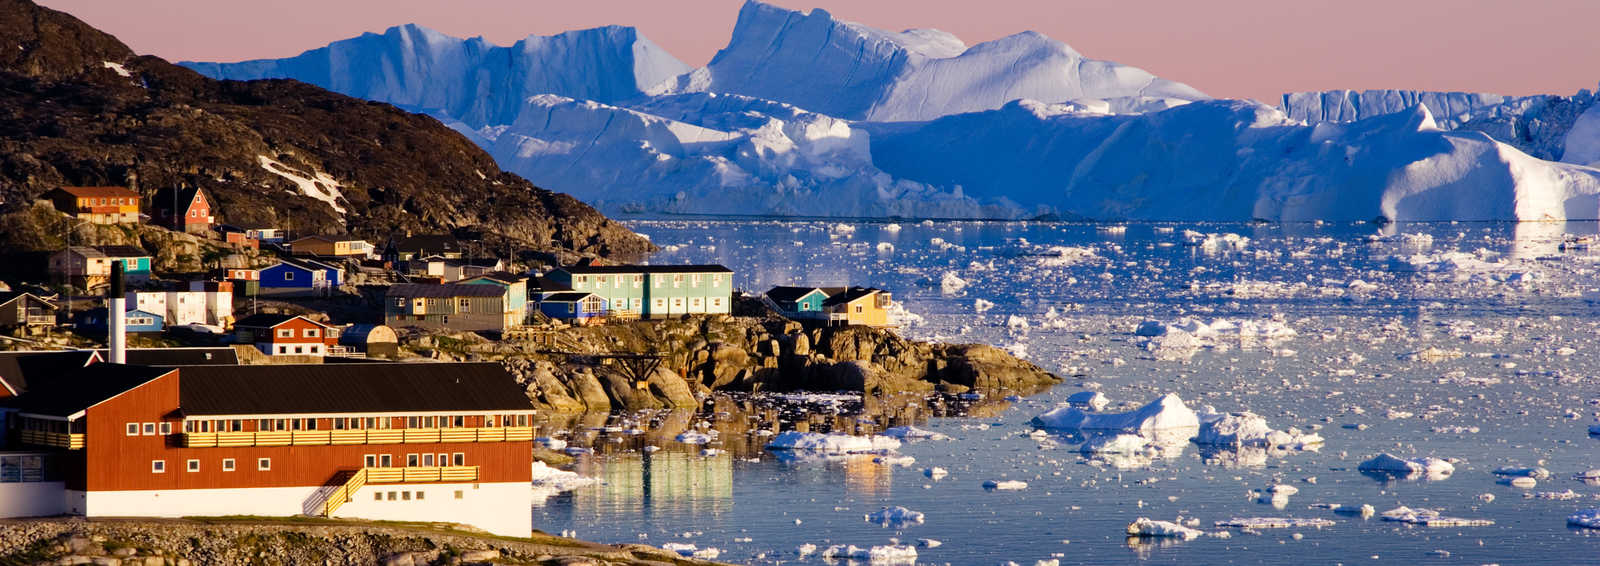 Icefjord of Midnight Sun